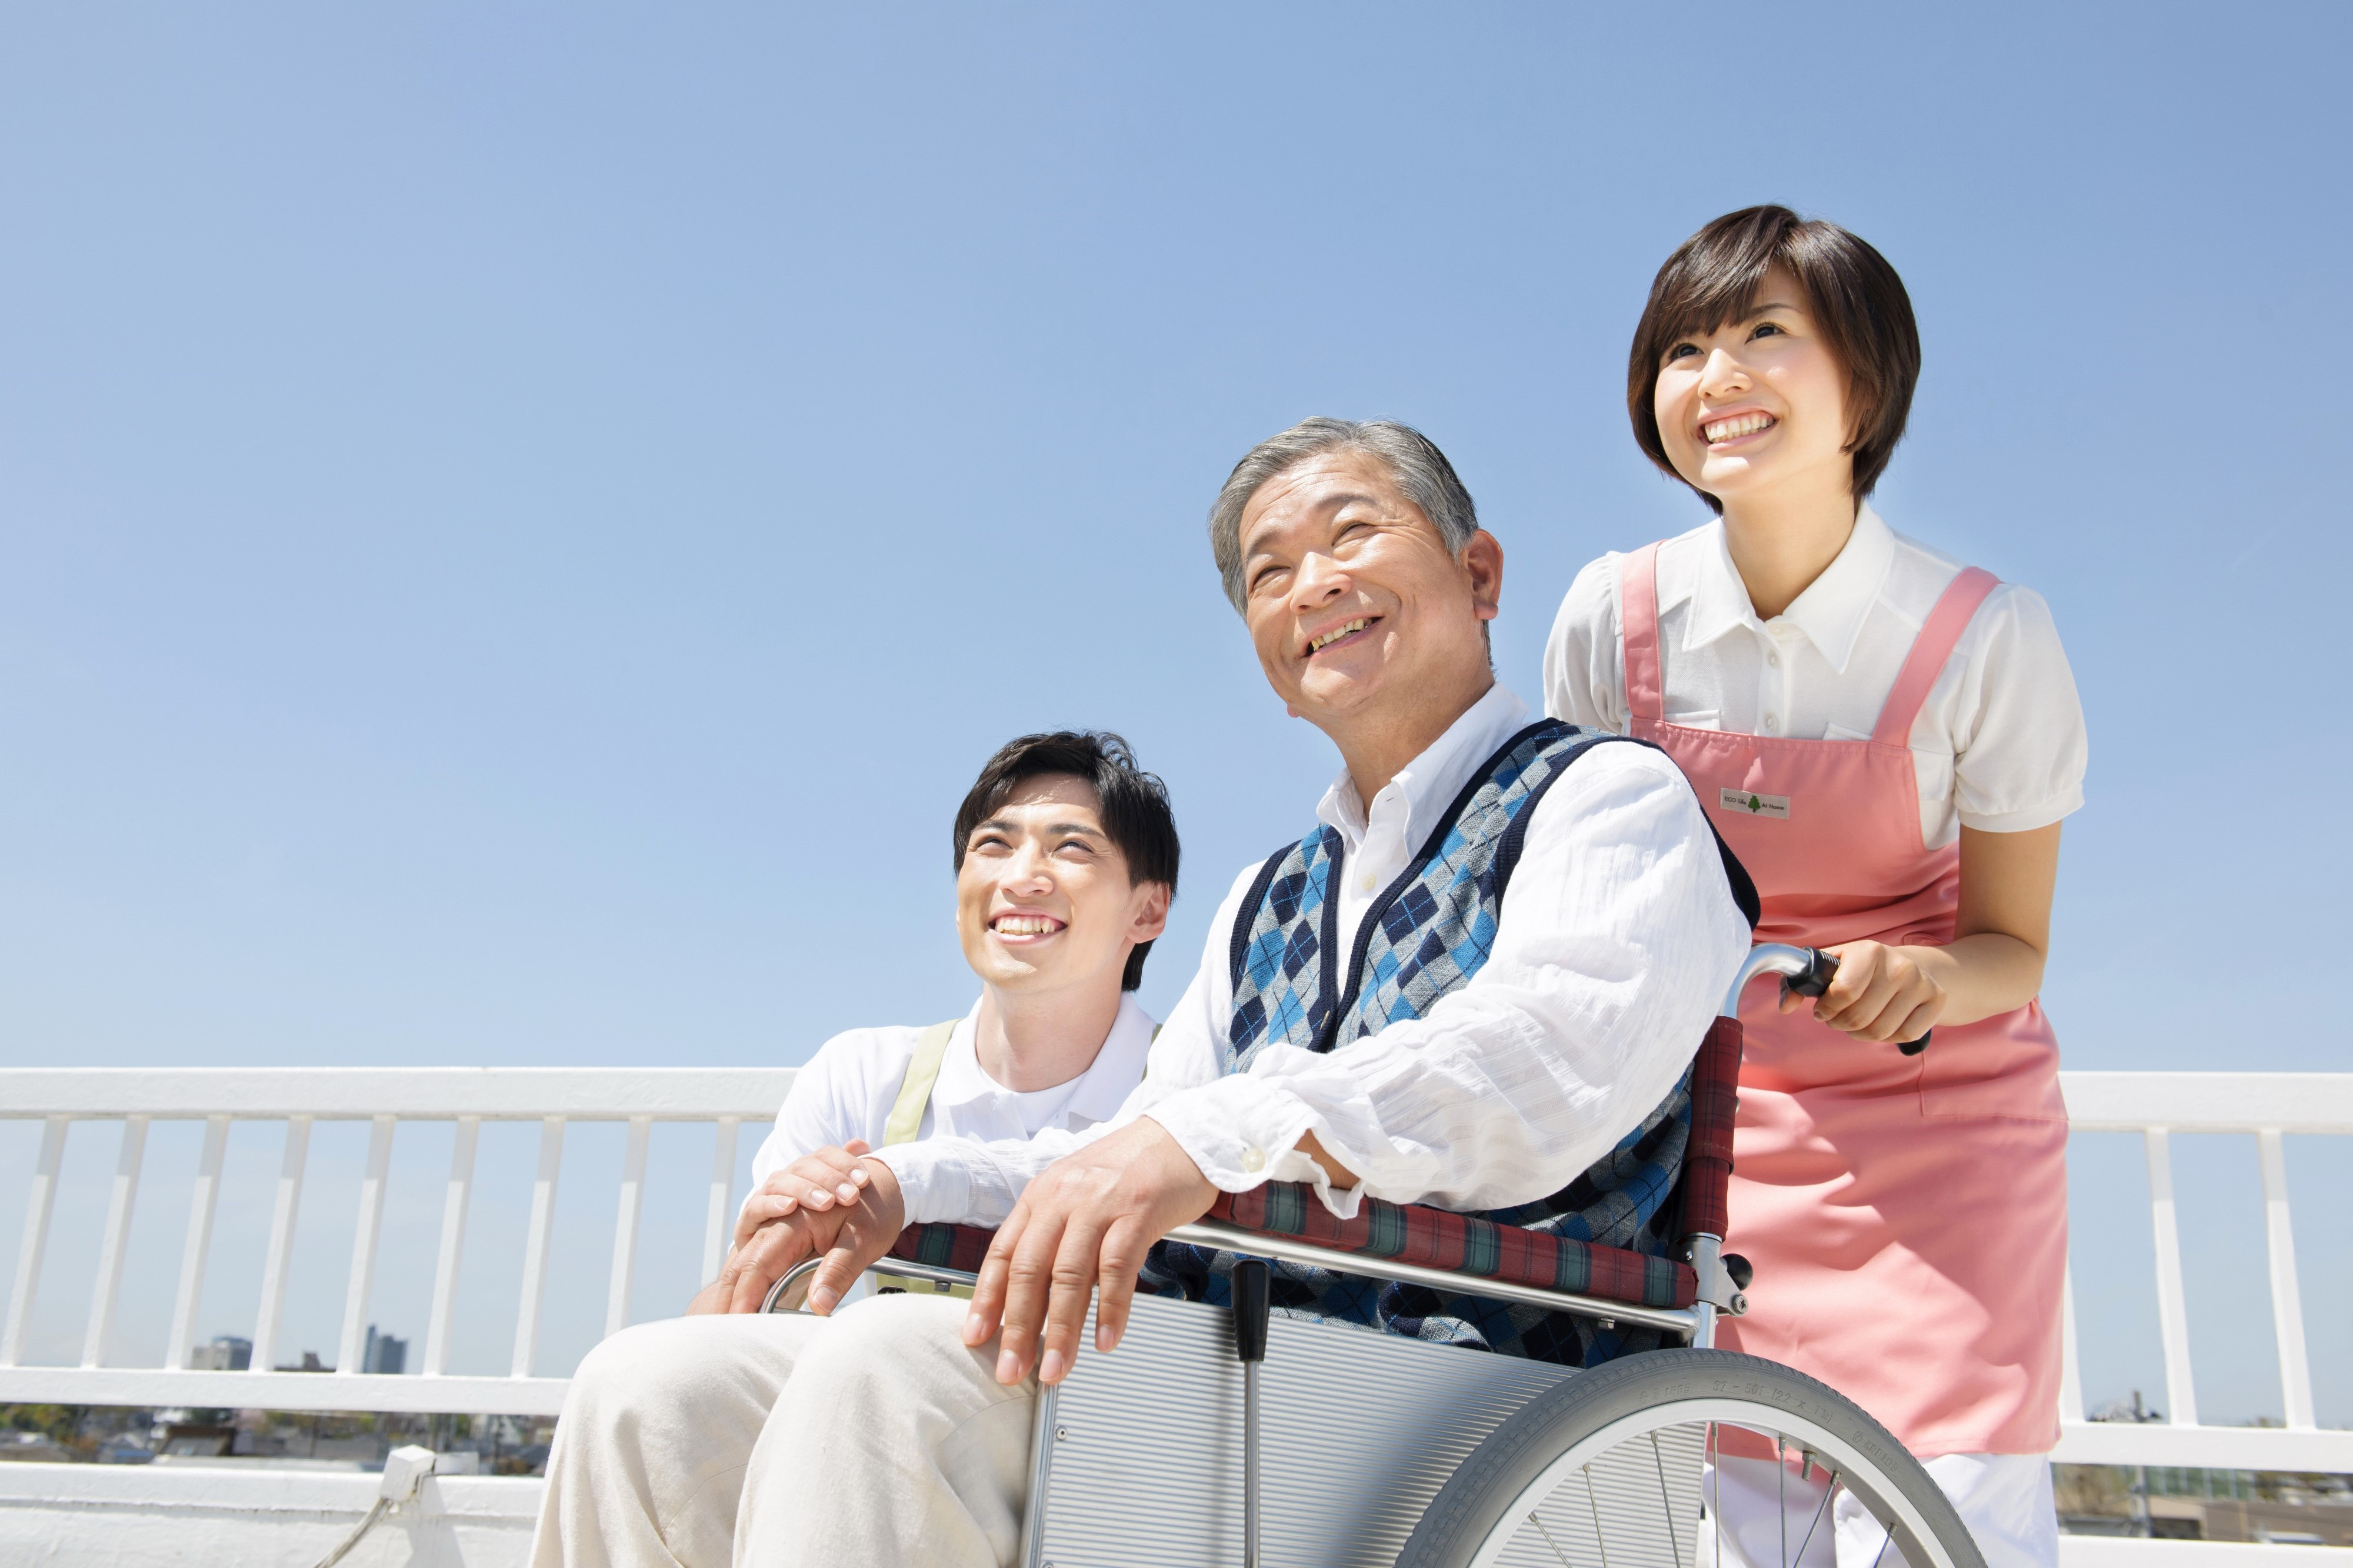 【時給1400円】これまでの経験を生かせるアットホームな介護施設です♪